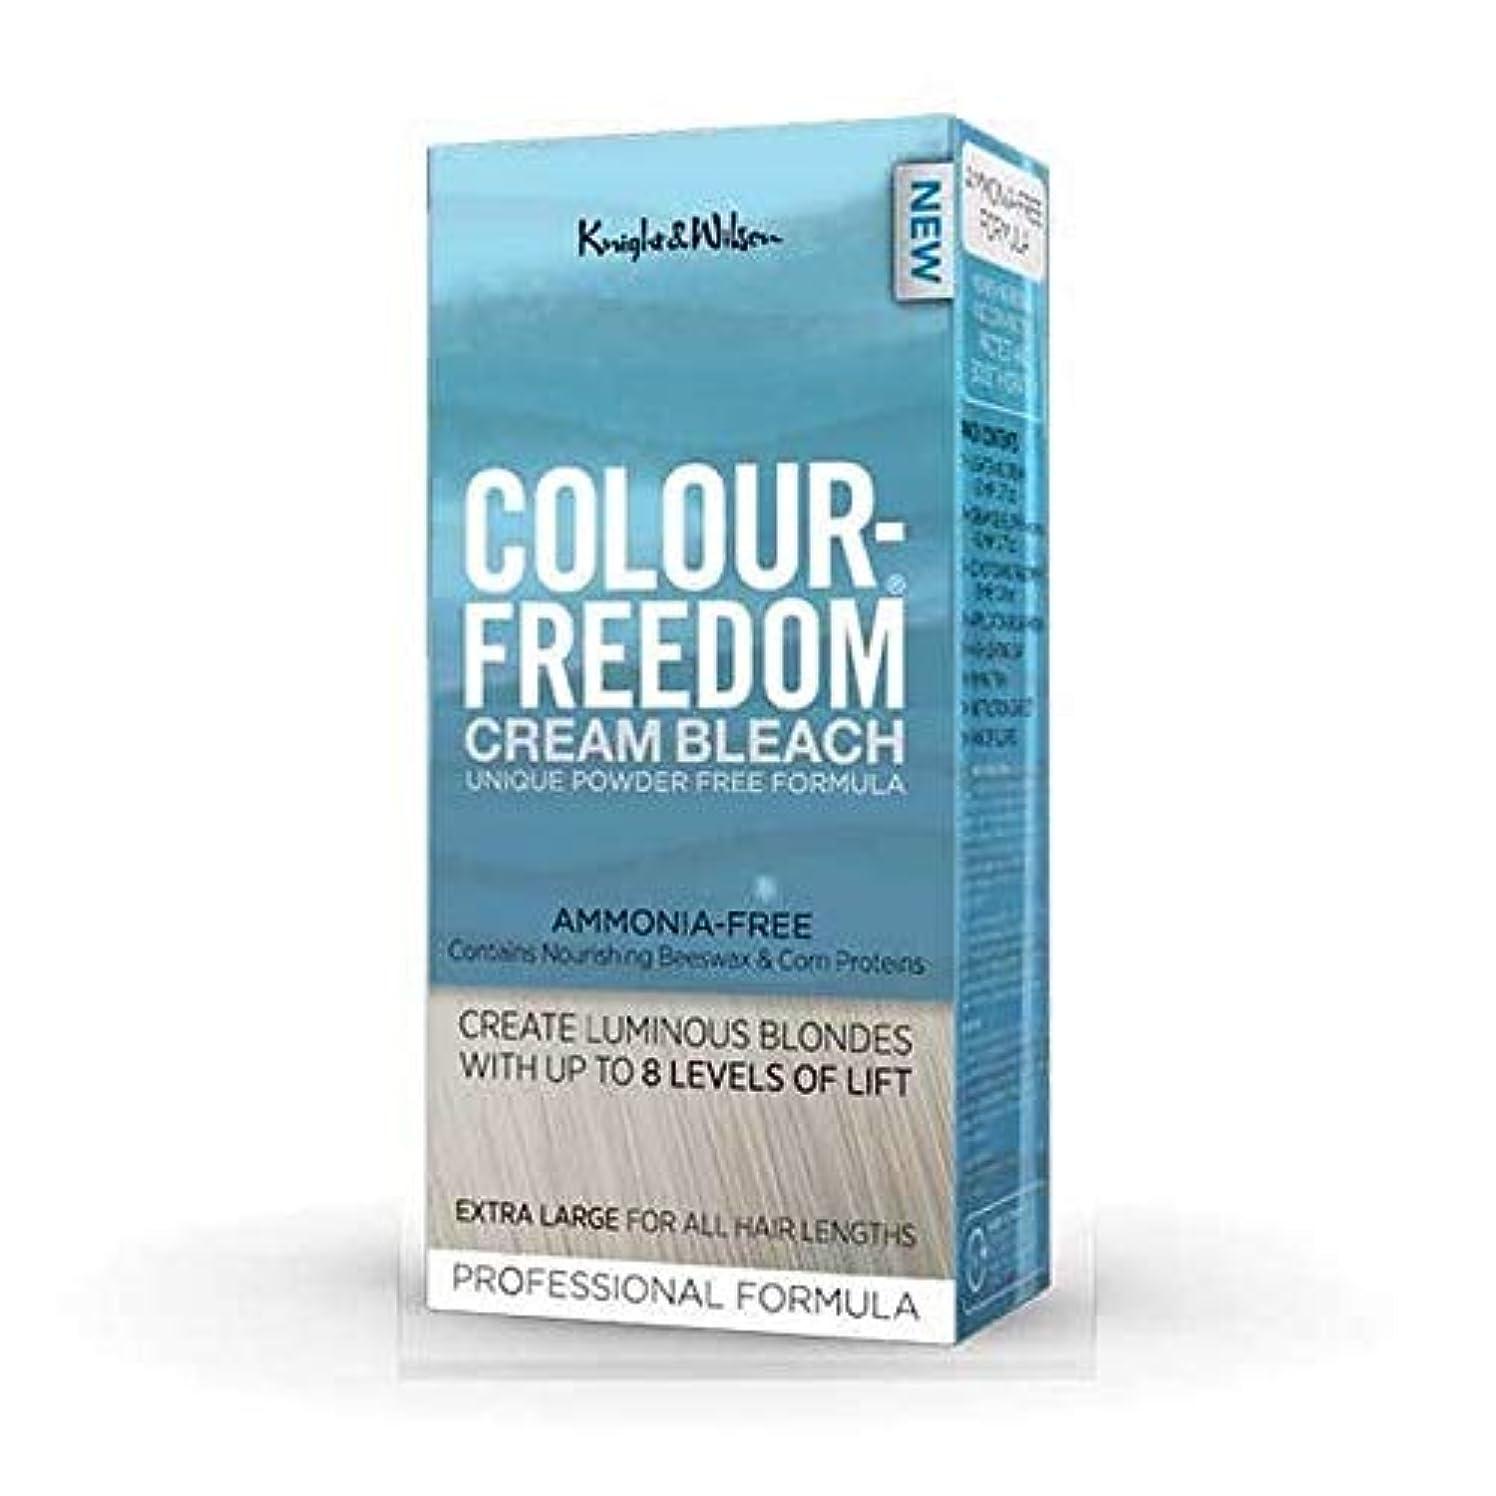 打撃佐賀ハリウッド[Colour Freedom ] 色自由クリーム漂白剤80グラム - Colour Freedom Cream Bleach 80g [並行輸入品]